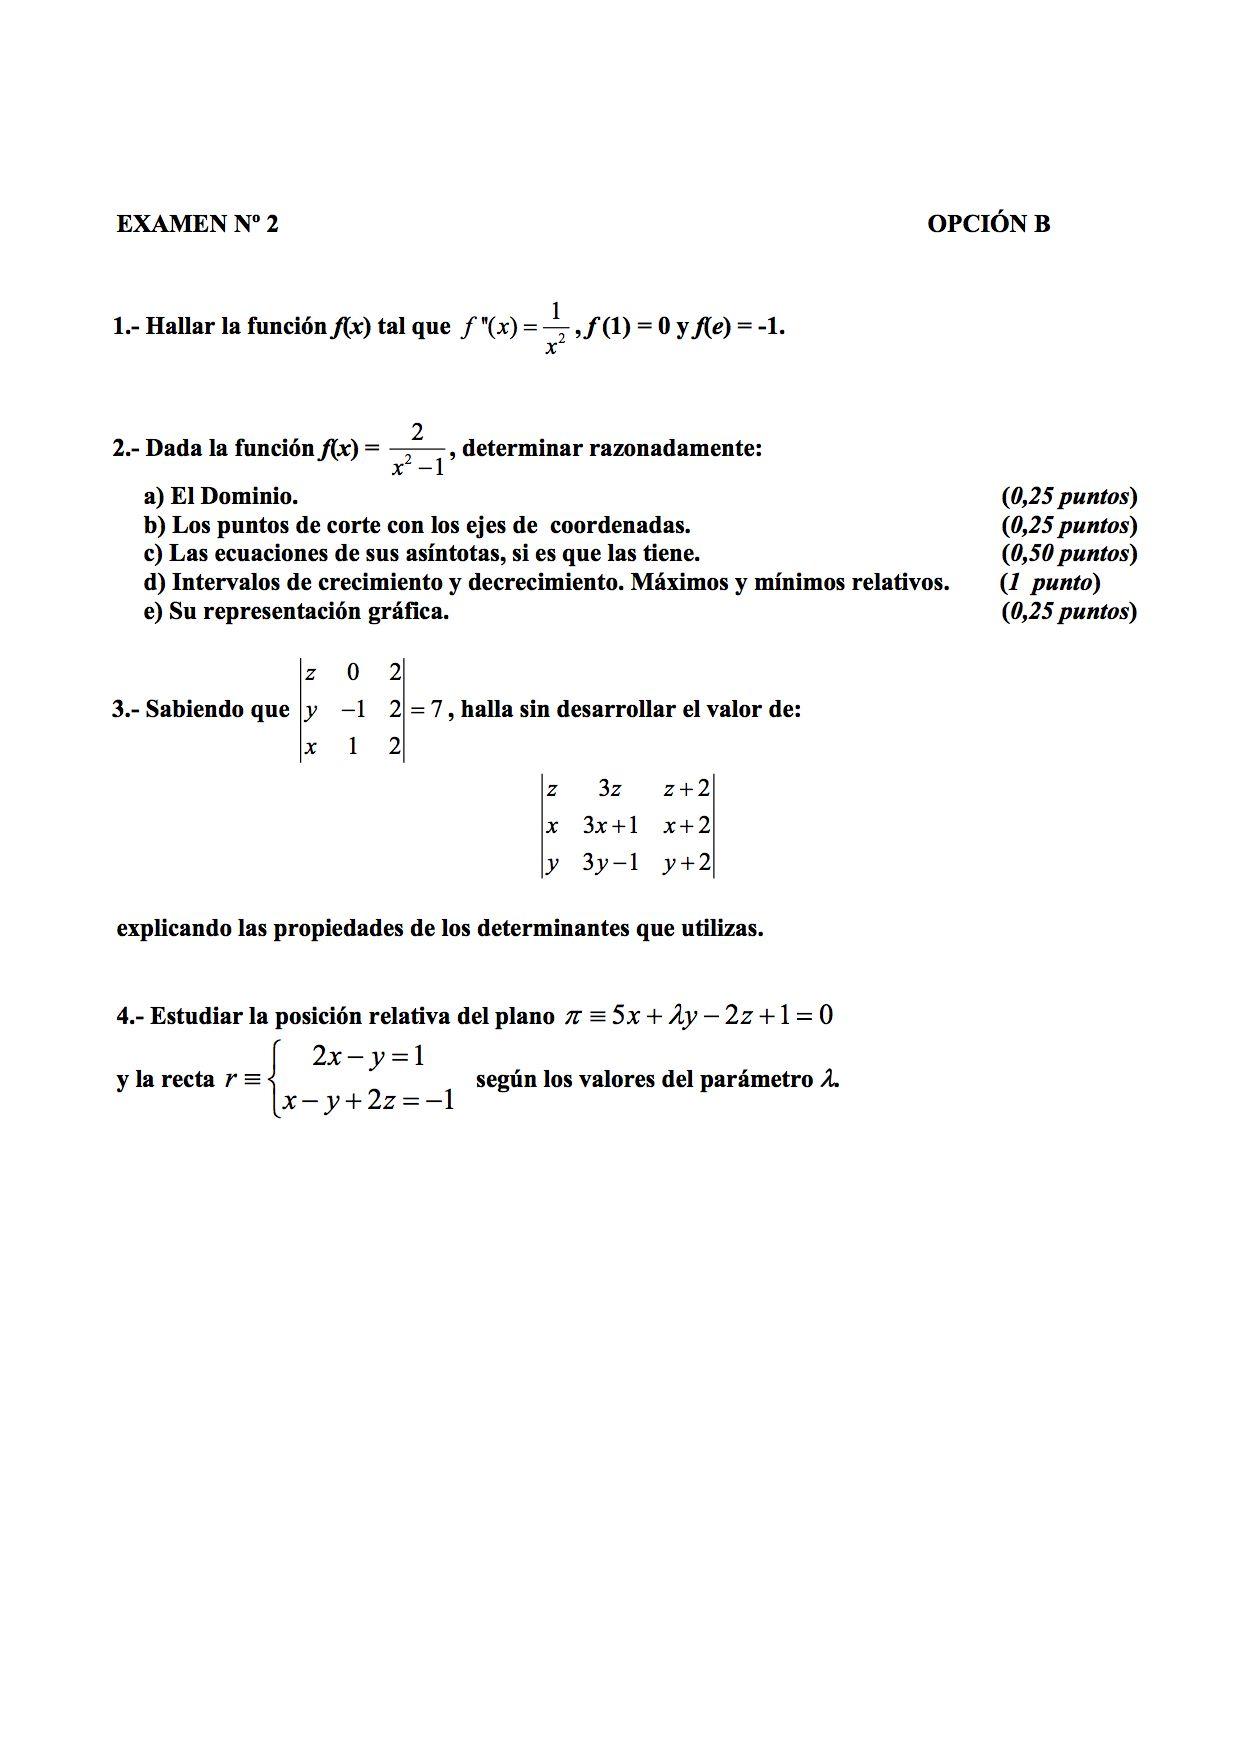 Examen Propuesto De Matematica En Canarias 2004 2005 Septiembre